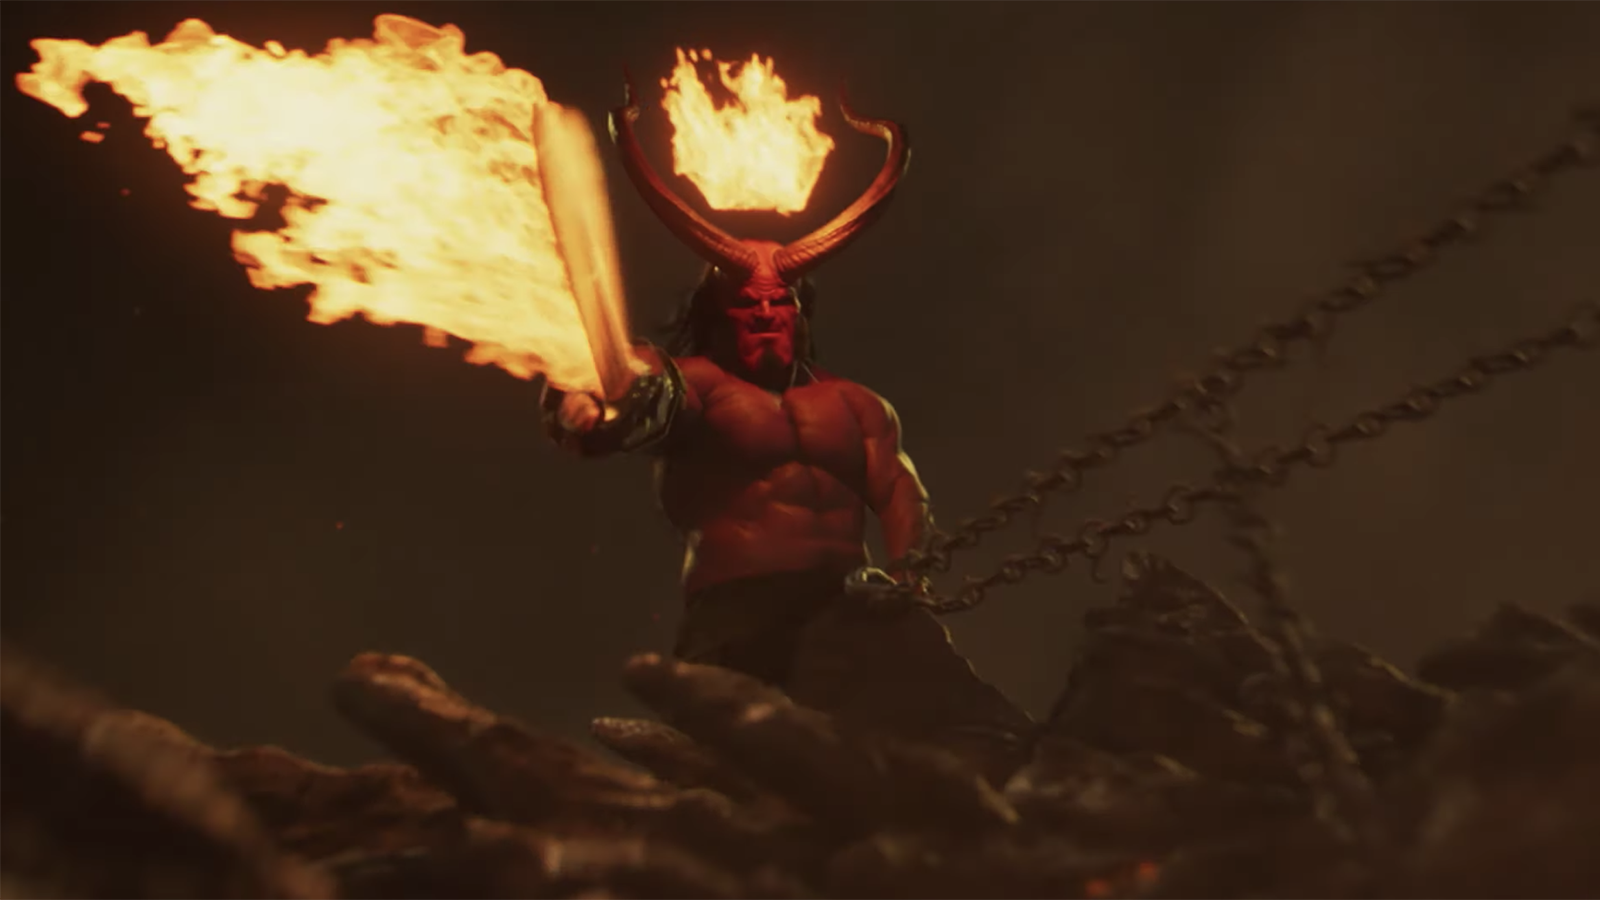 Bấm vào đây ngay, nắm thóp tất tần tật về chàng quỷ đỏ Hellboy trong 3 nốt nhạc trước khi ra rạp! - Ảnh 4.